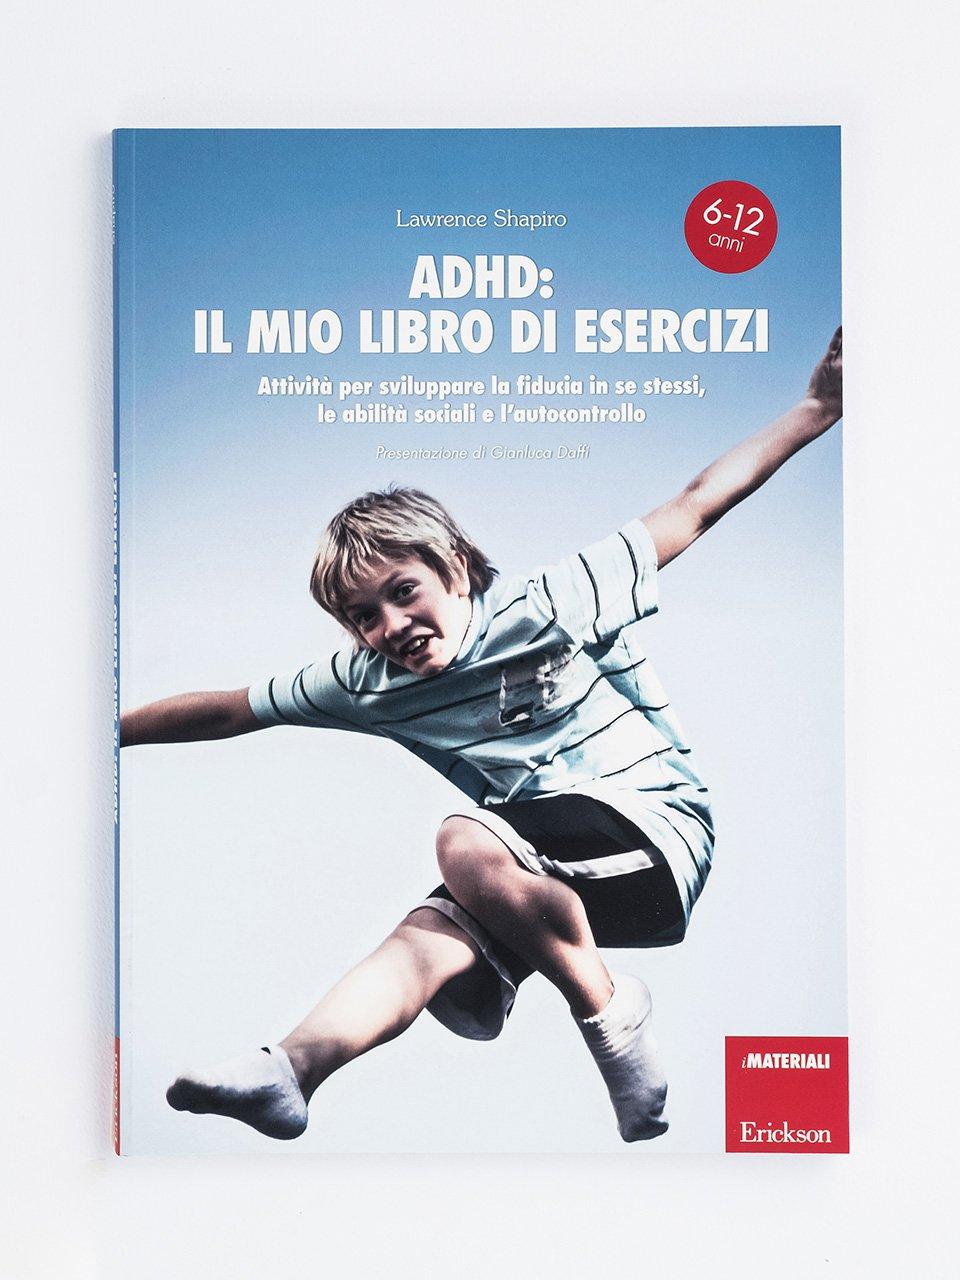 ADHD: il mio libro di esercizi - Disturbi dell'attenzione e iperattività - Libri - Erickson